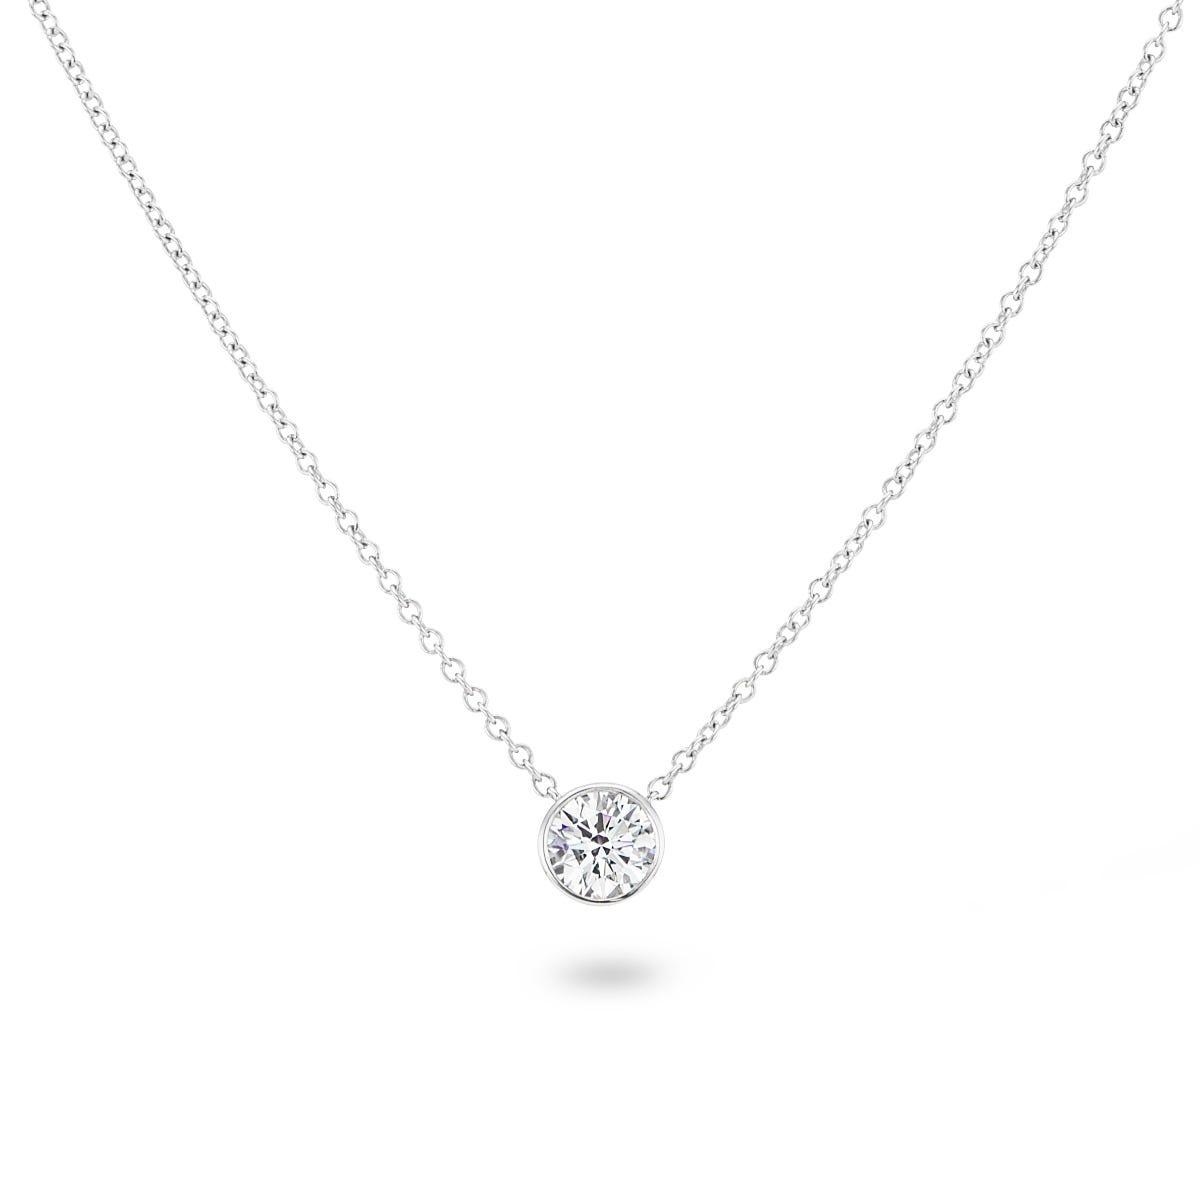 Lab Grown 1/2ct. Diamond Bezel Set Pendant In 14k White Gold